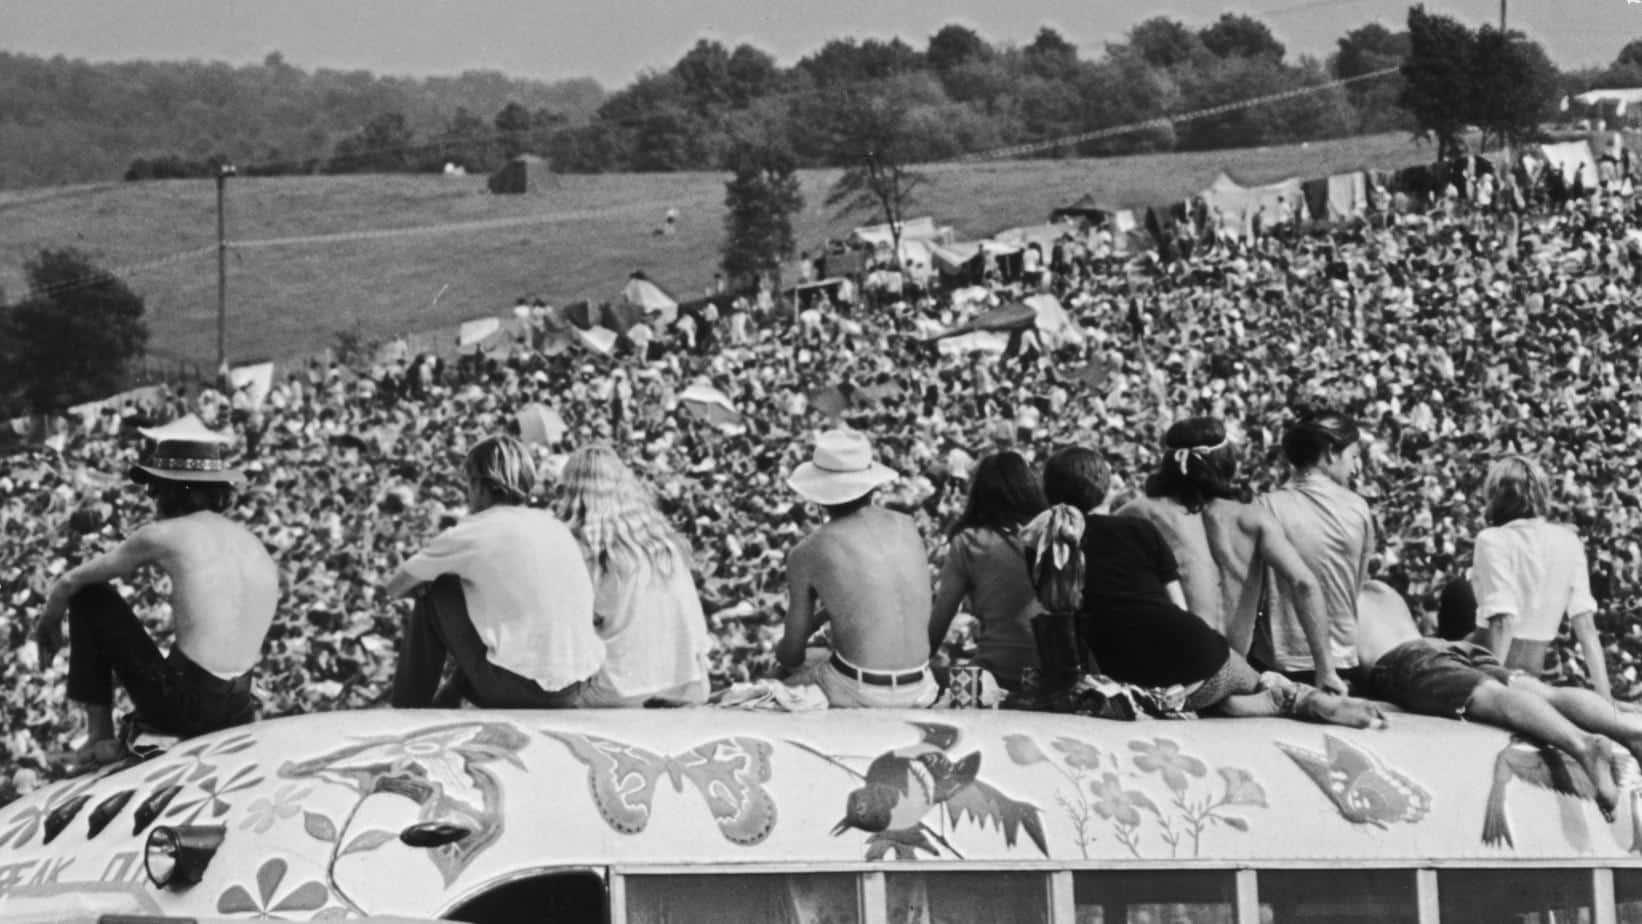 Woodstock - curiosidades e fotos que resumem a loucura que foi o festival